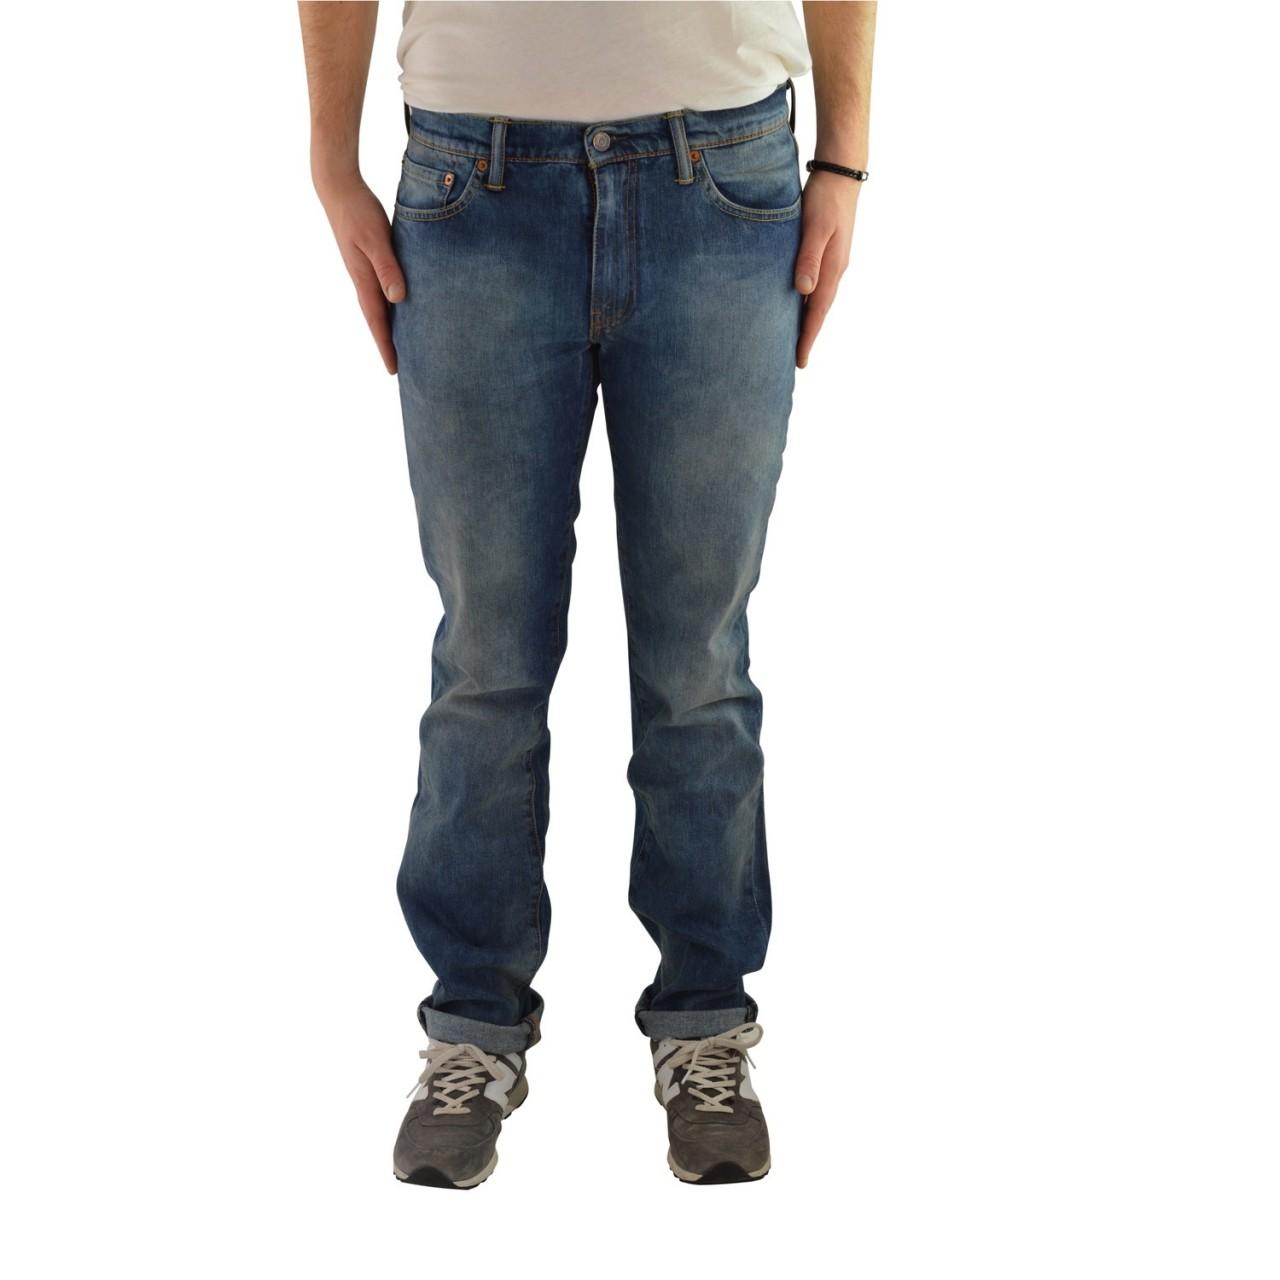 Levi's Uomo Jeans Levi's Uomo 511 Slim Fit Hagiwara 5111632B